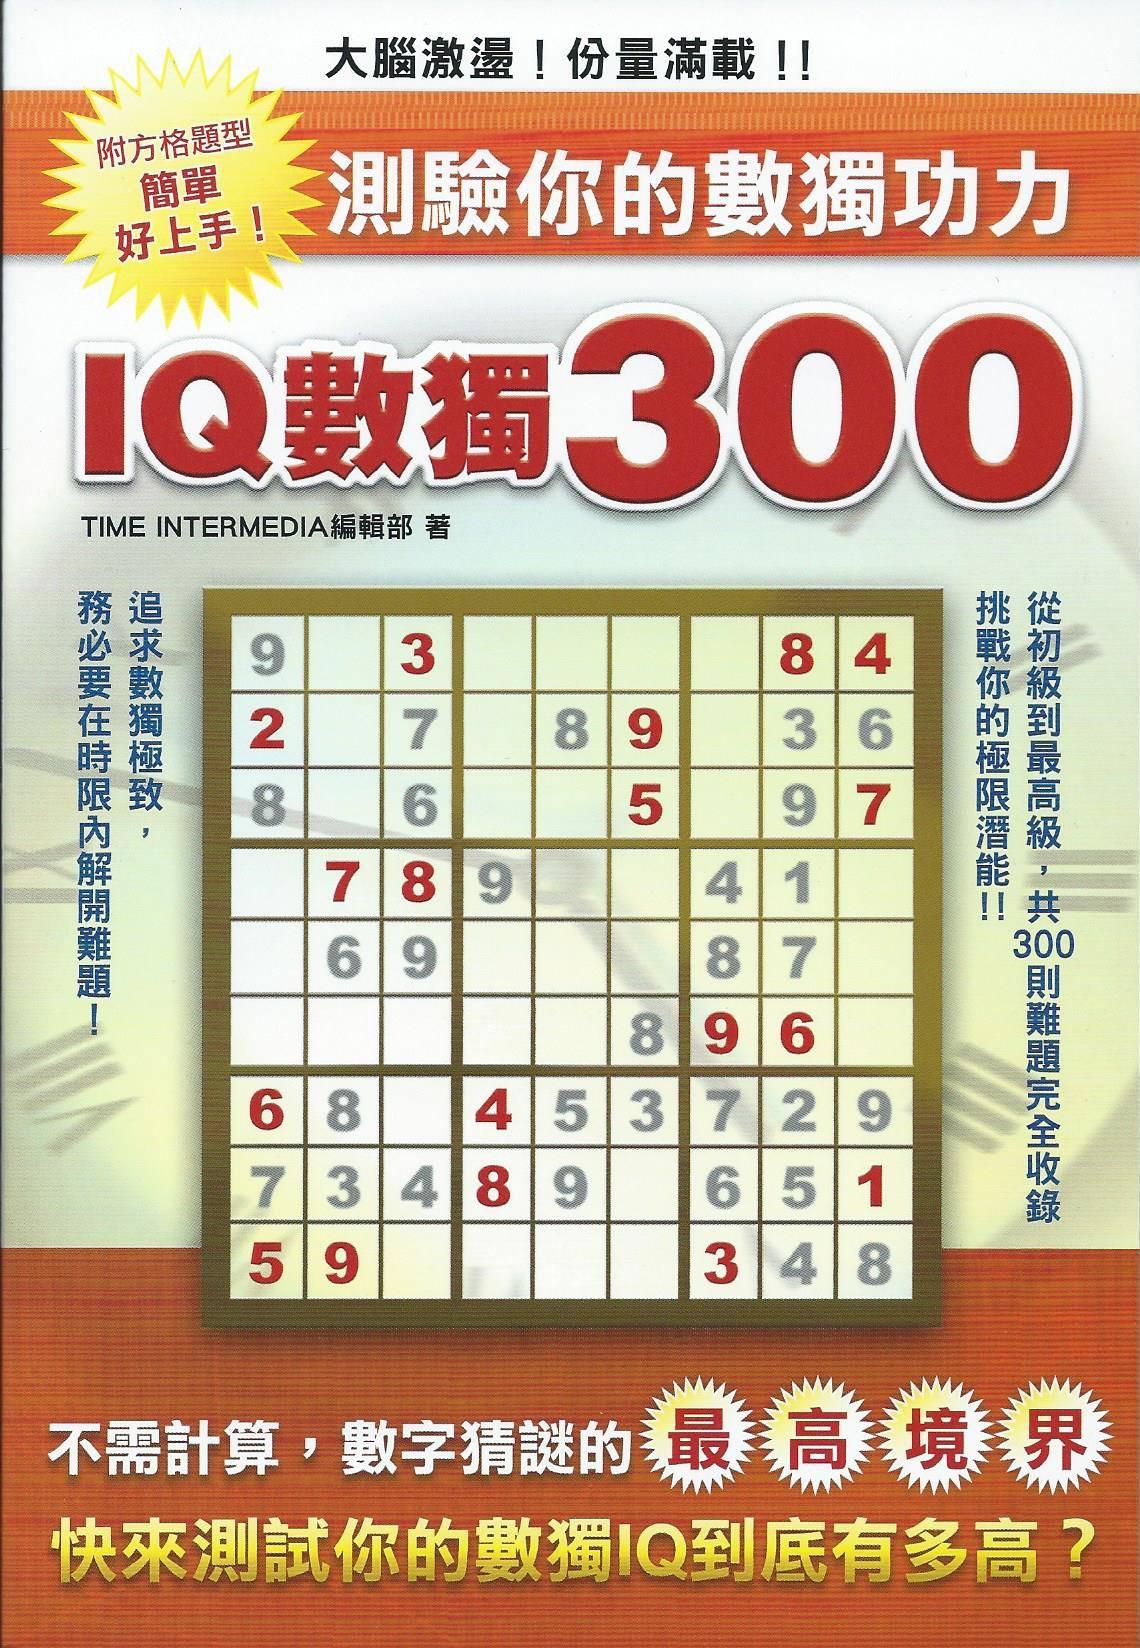 IQ 數獨 300